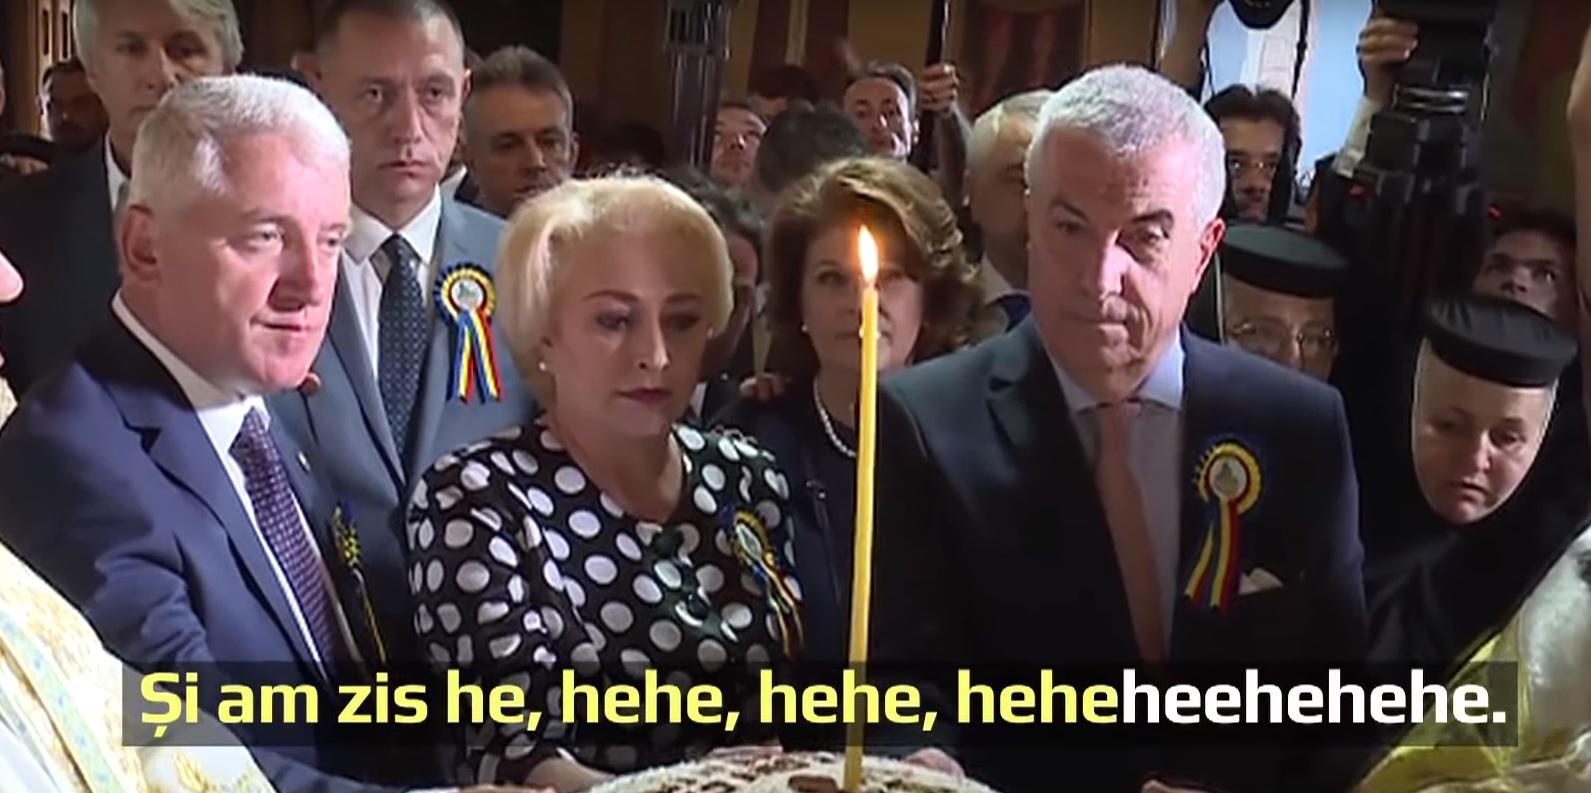 Viorica Dăncilă, umilită la televizor! VIDEO incendiar cu premierul